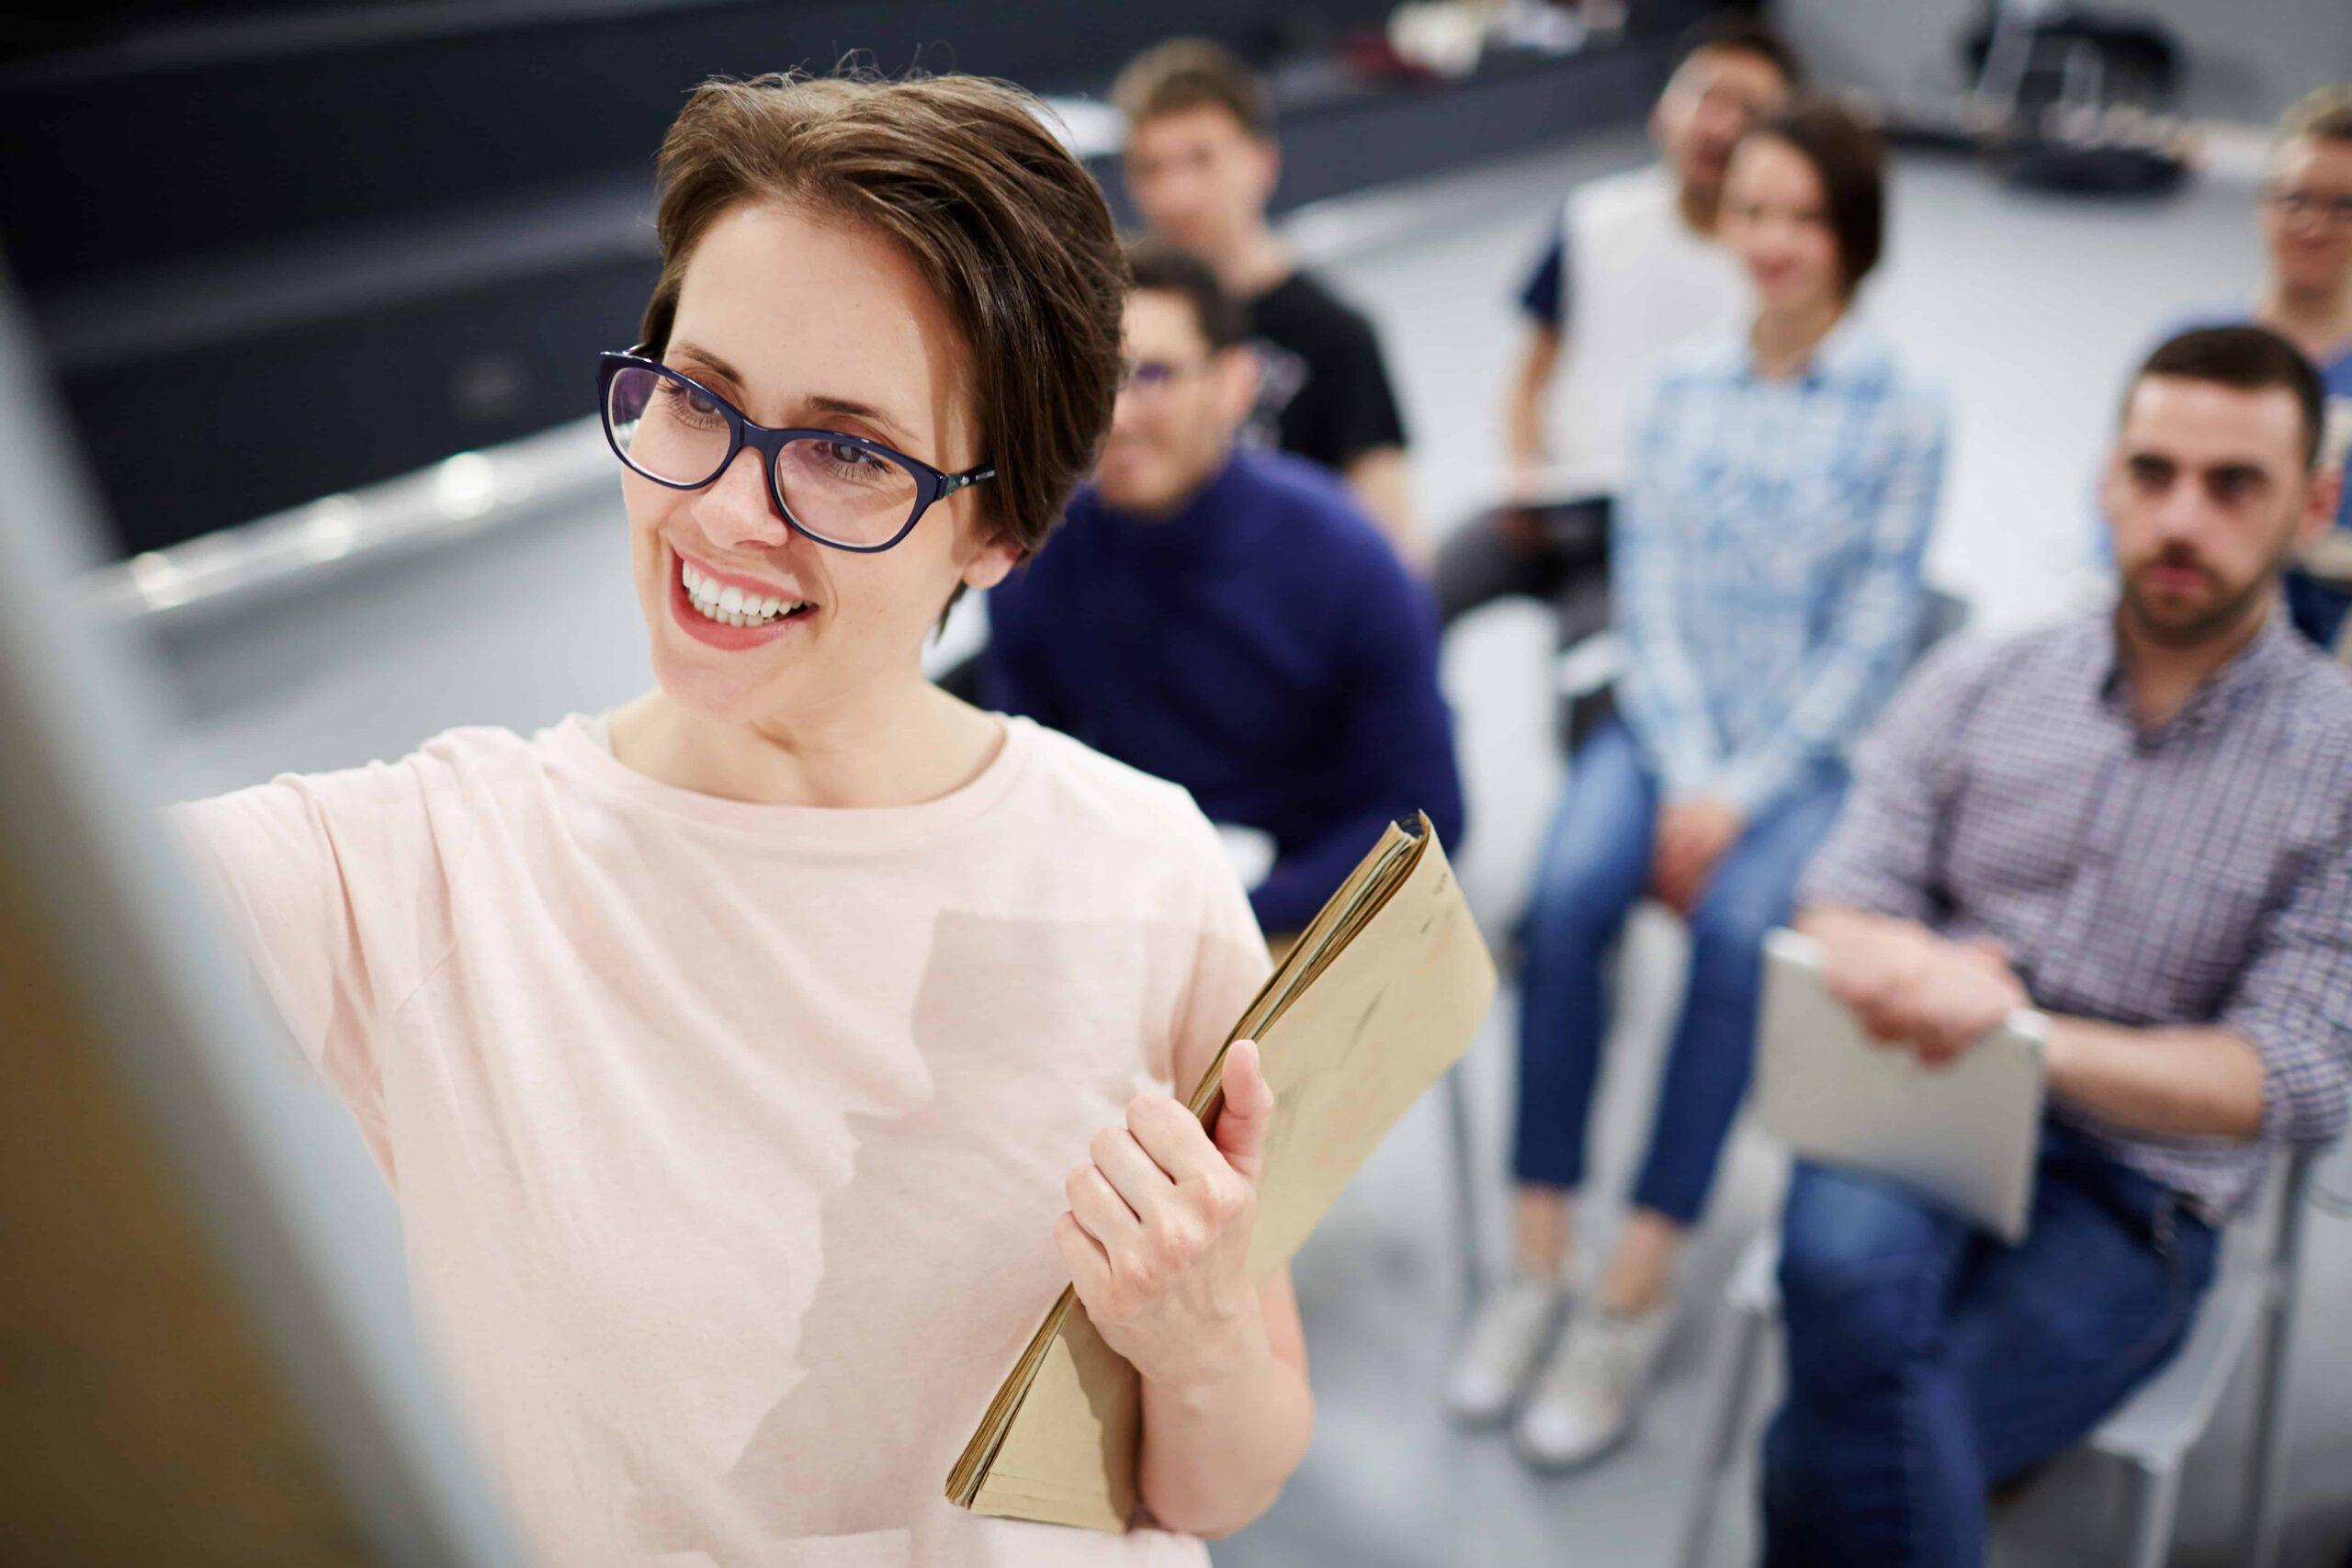 pytania coachingowe w pracy z klientem